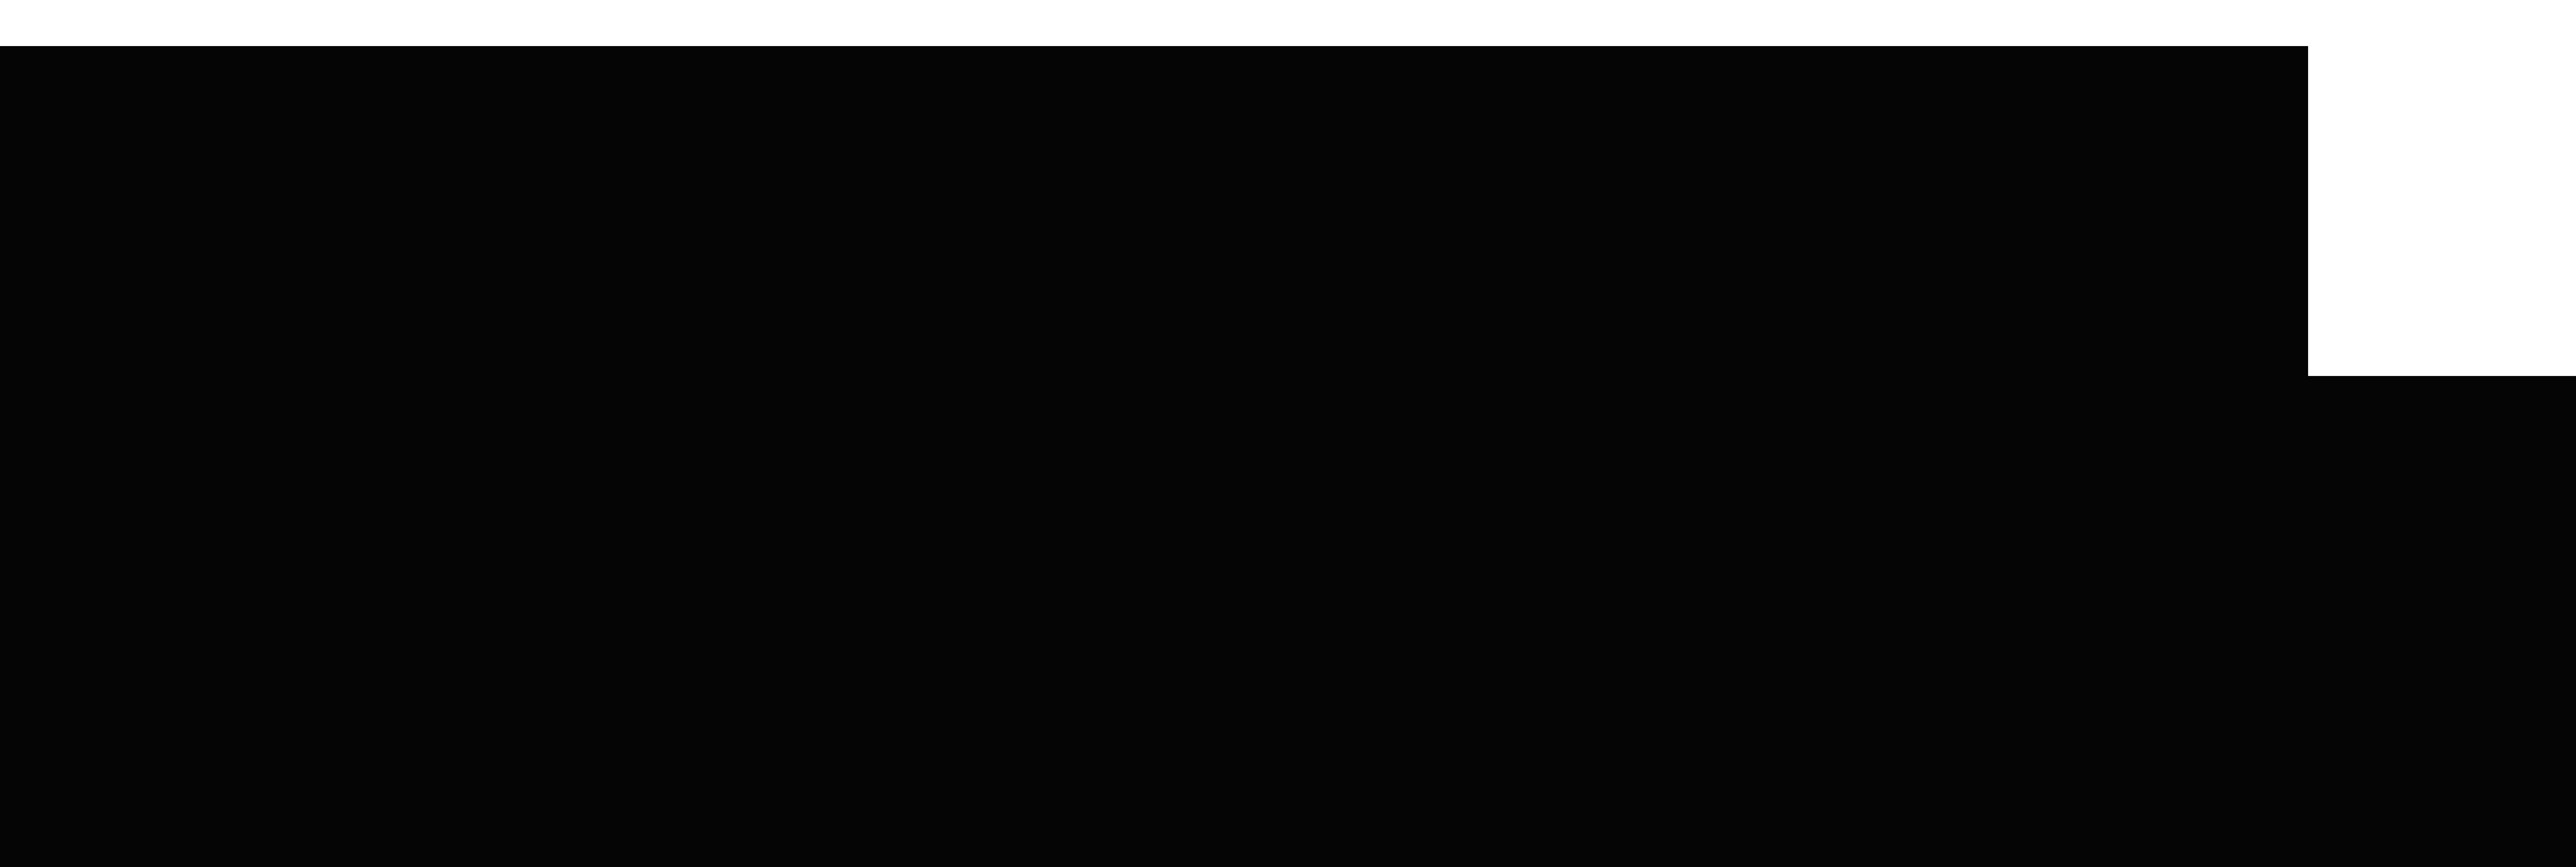 Cityscape silhouette clip art. City clipart alley